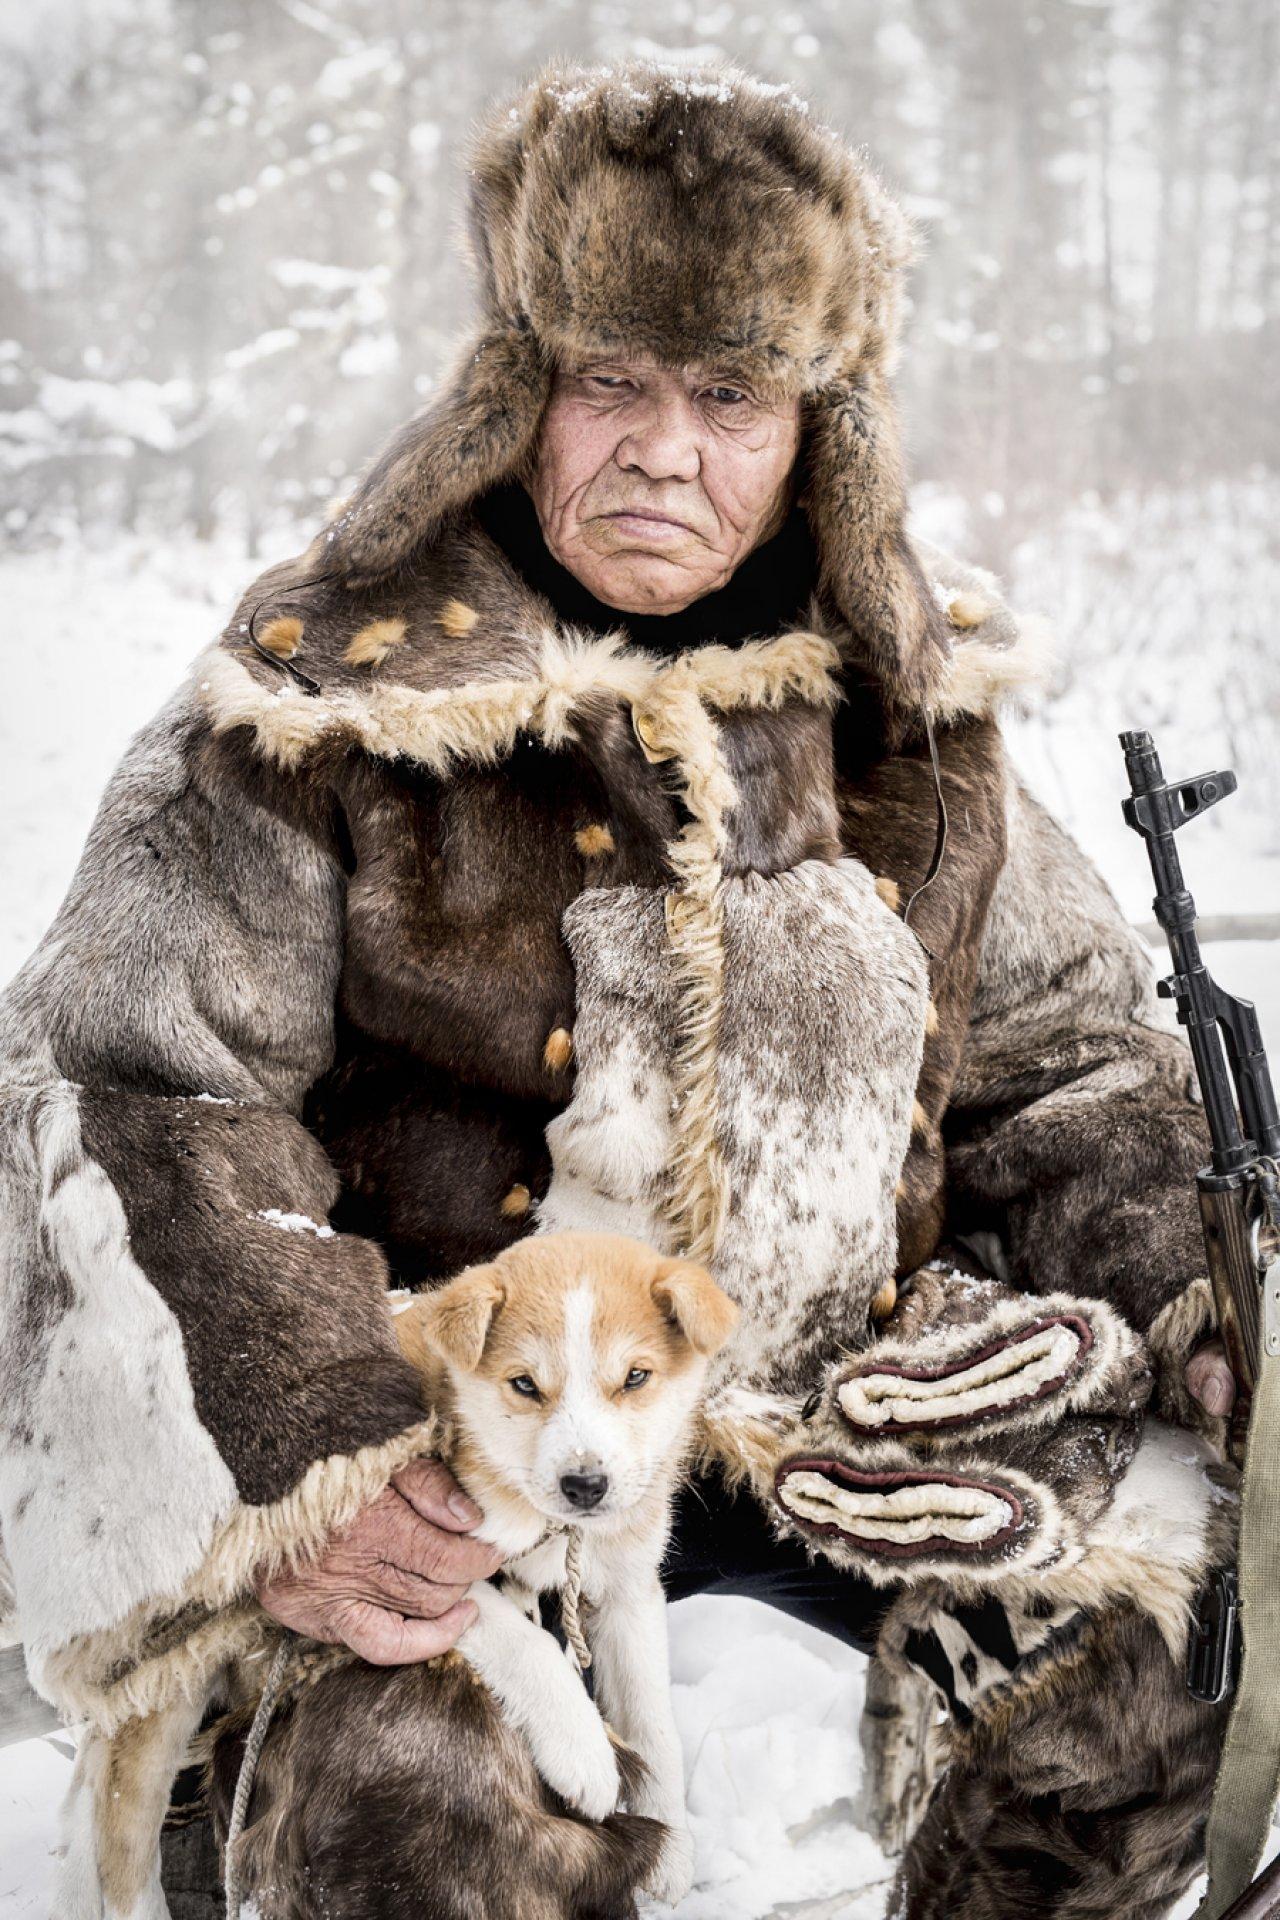 Эвенкийский старейшина, охотник и бывший оленевод, который оставил свой пост три года назад. Ему сложно адаптироваться к жизни в деревне, где очень шумно и грязно. Фото: © Alexander Khimushin / The World In Faces